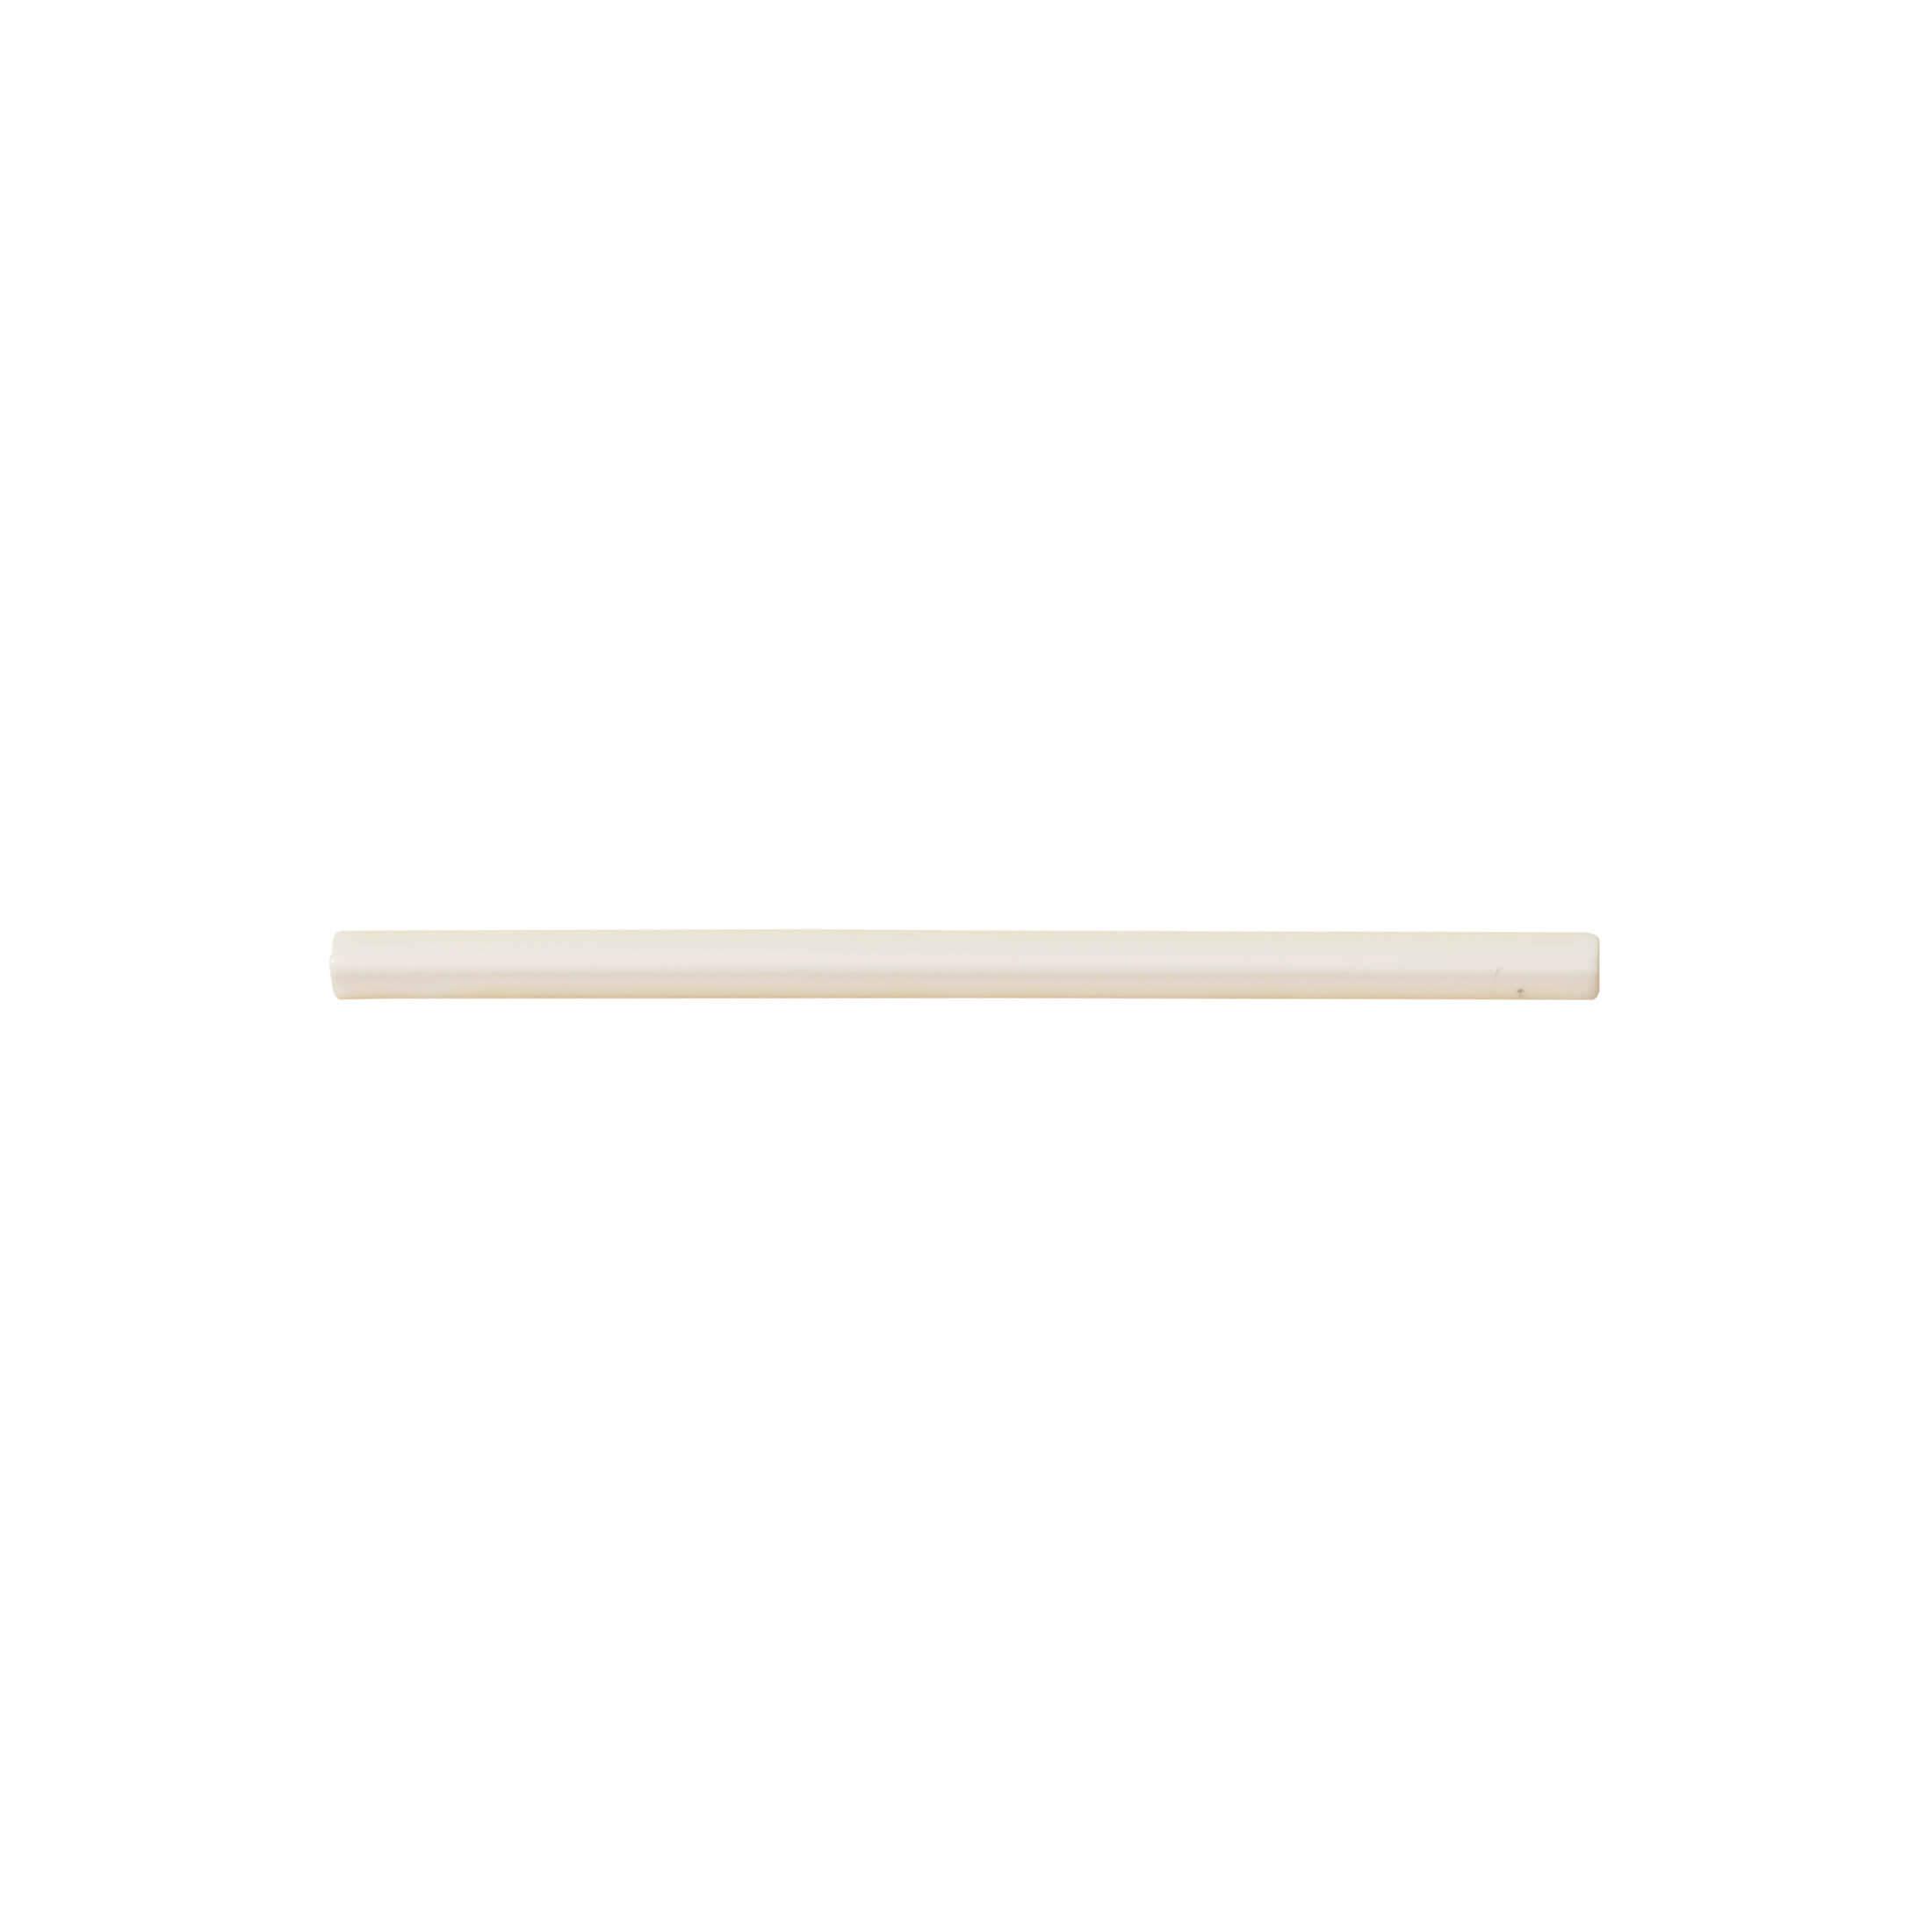 ADST5234 - BULLNOSE TRIM - 0.75 cm X 19.8 cm